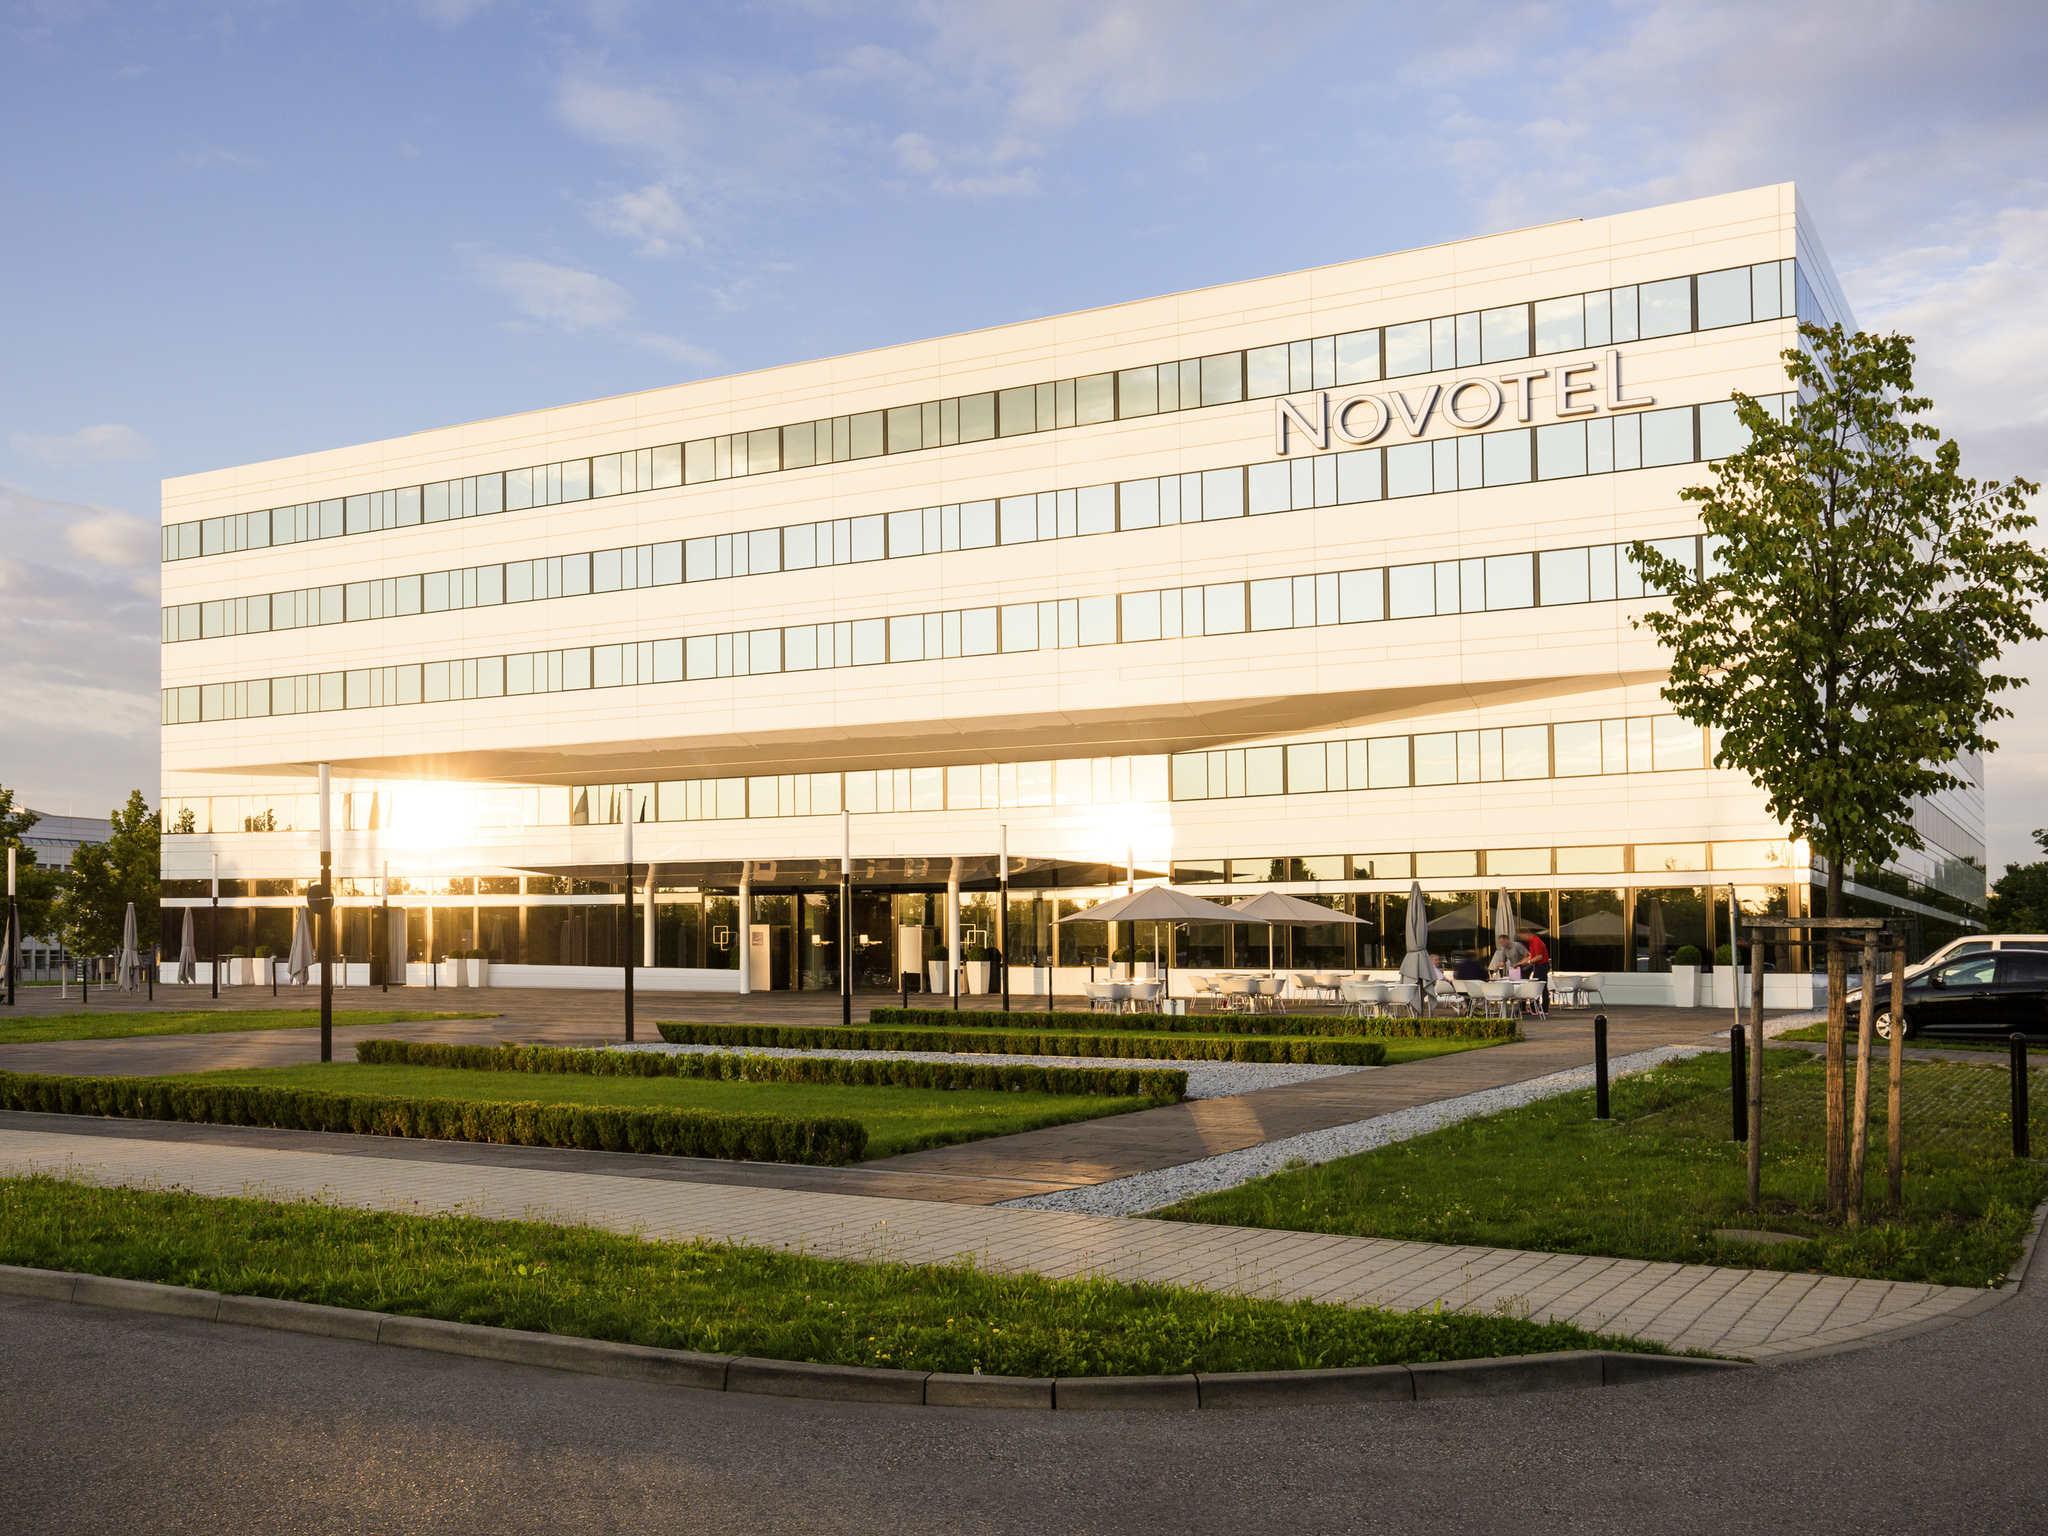 Hotel – Novotel Munique Airport